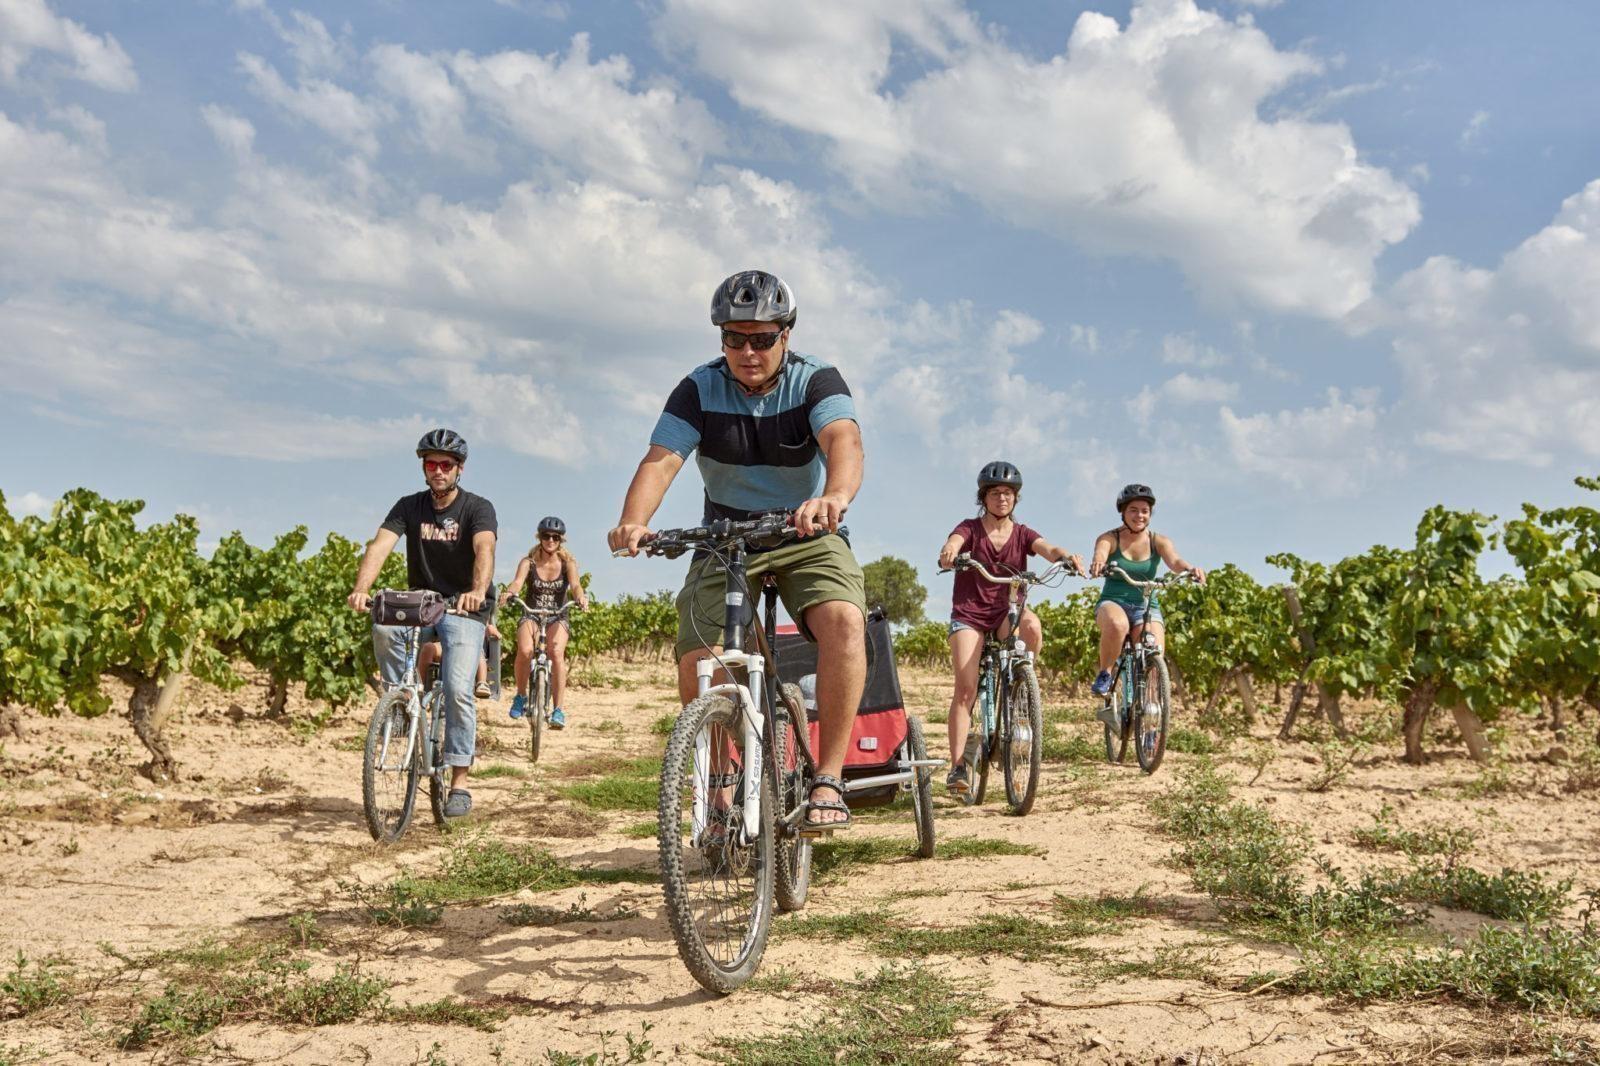 Visita celler de la Carretera del Vi en bicicleta